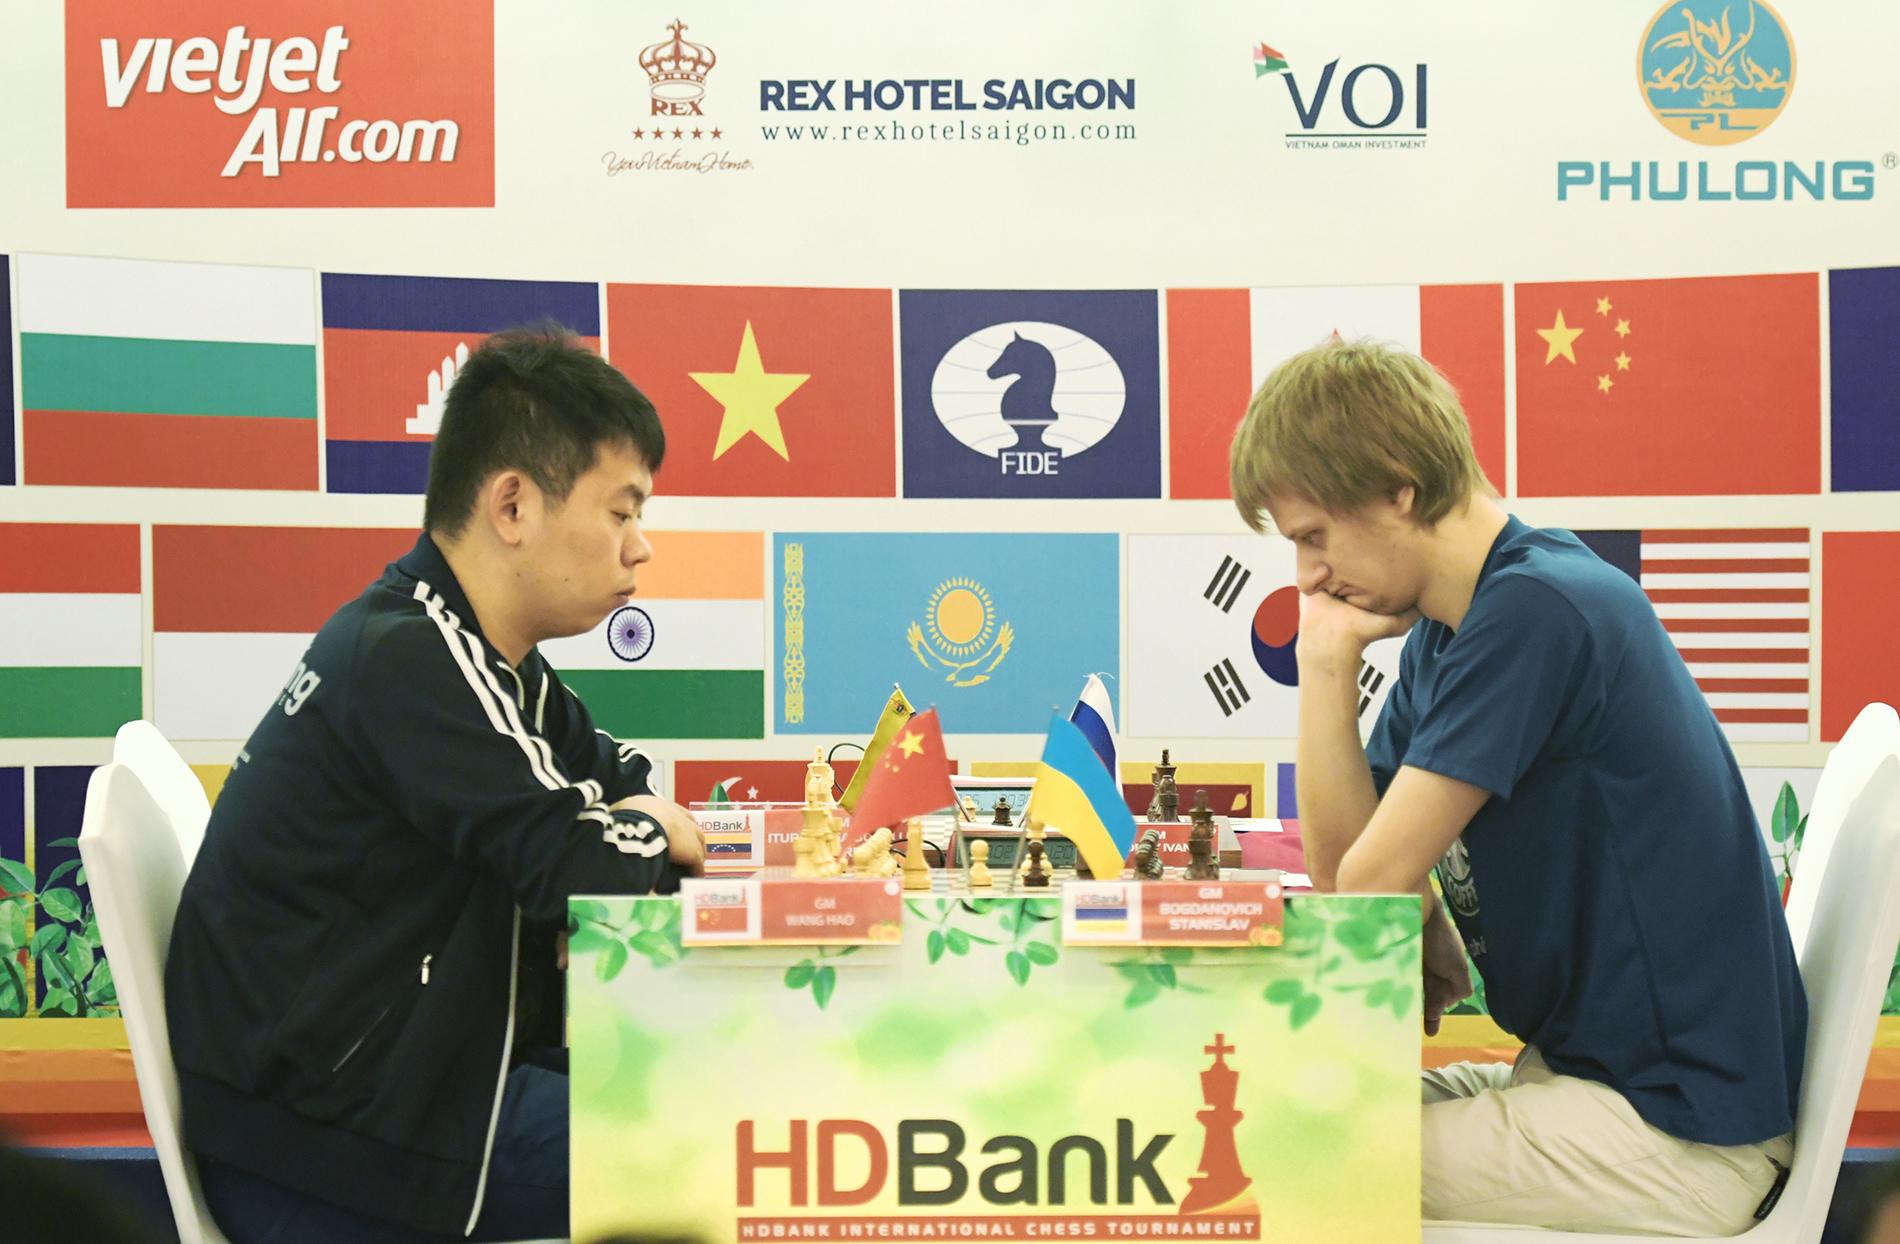 Chủ tịch FIDE: 'Việt Nam có thể trở thành cường quốc Cờ vua' 1